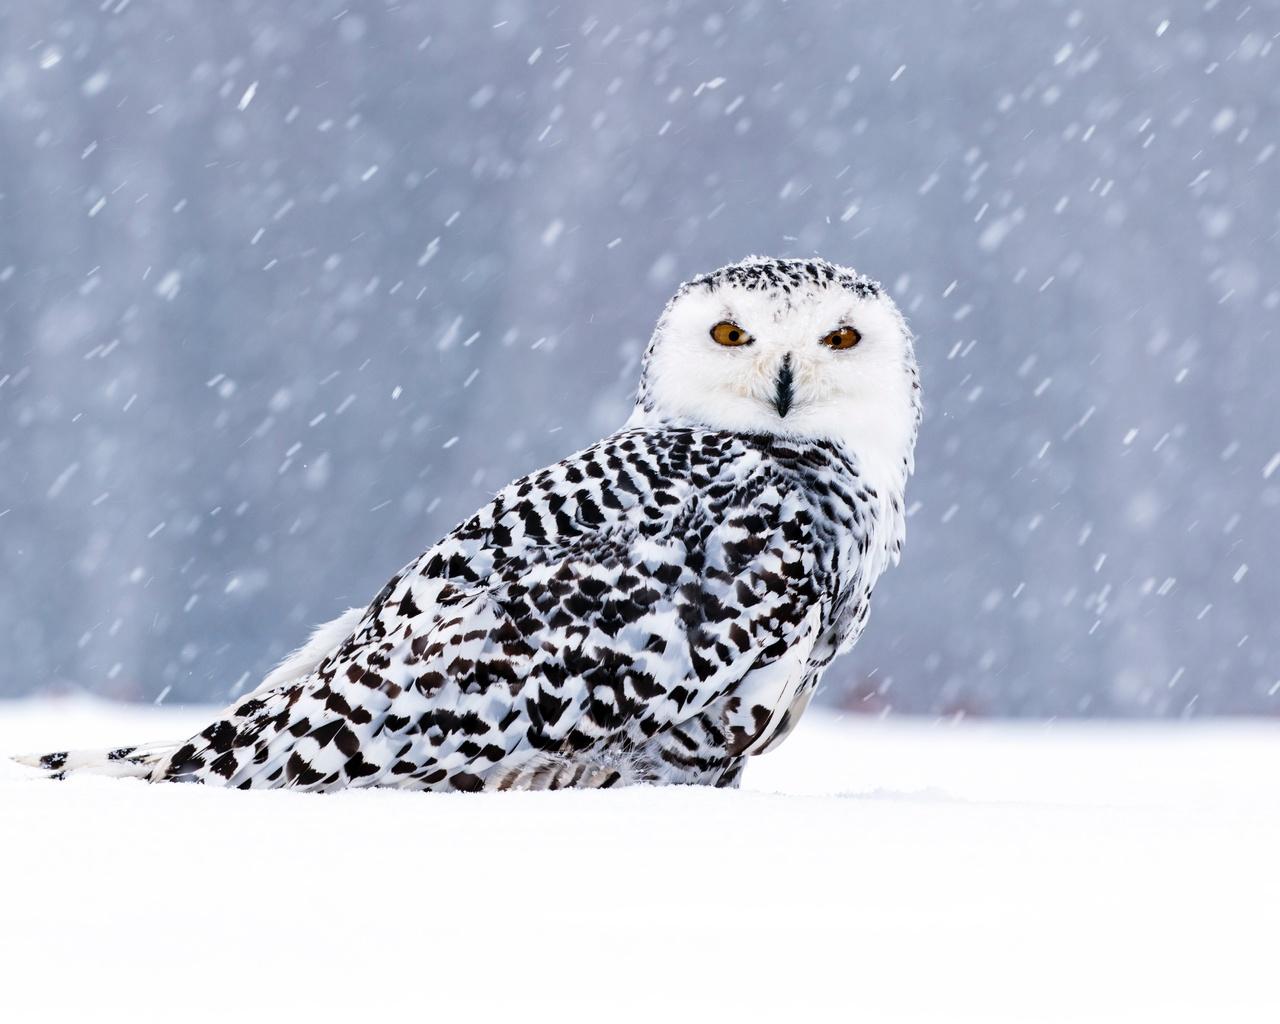 сова, снег, птица, зима